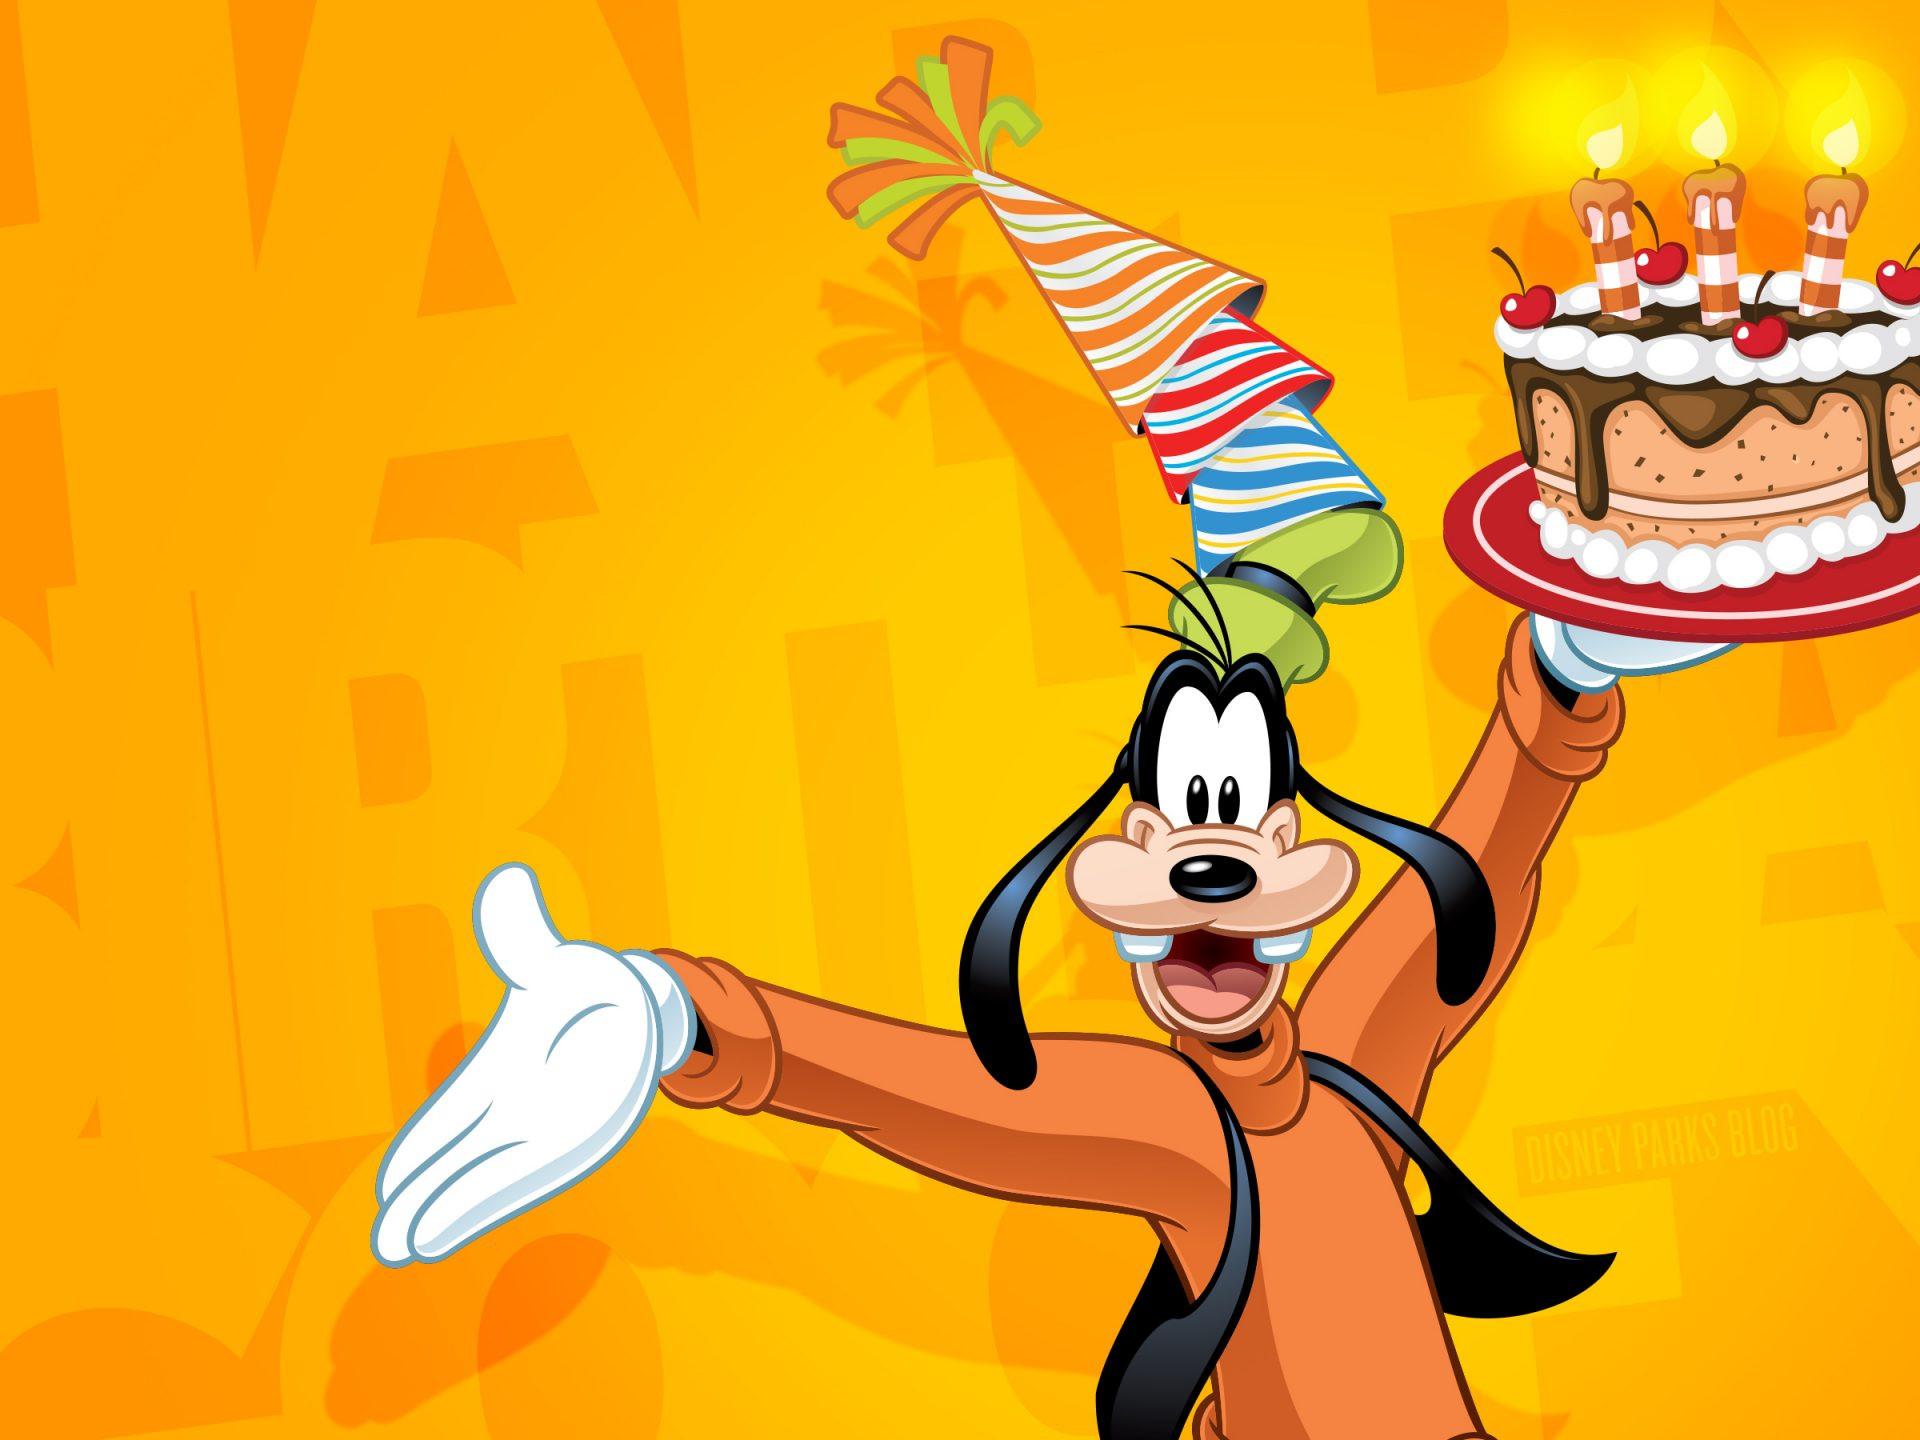 Goofy Birthday Wishes  Goofy Celebrate Happy Birthday Disney Wallpaper 2880x1800